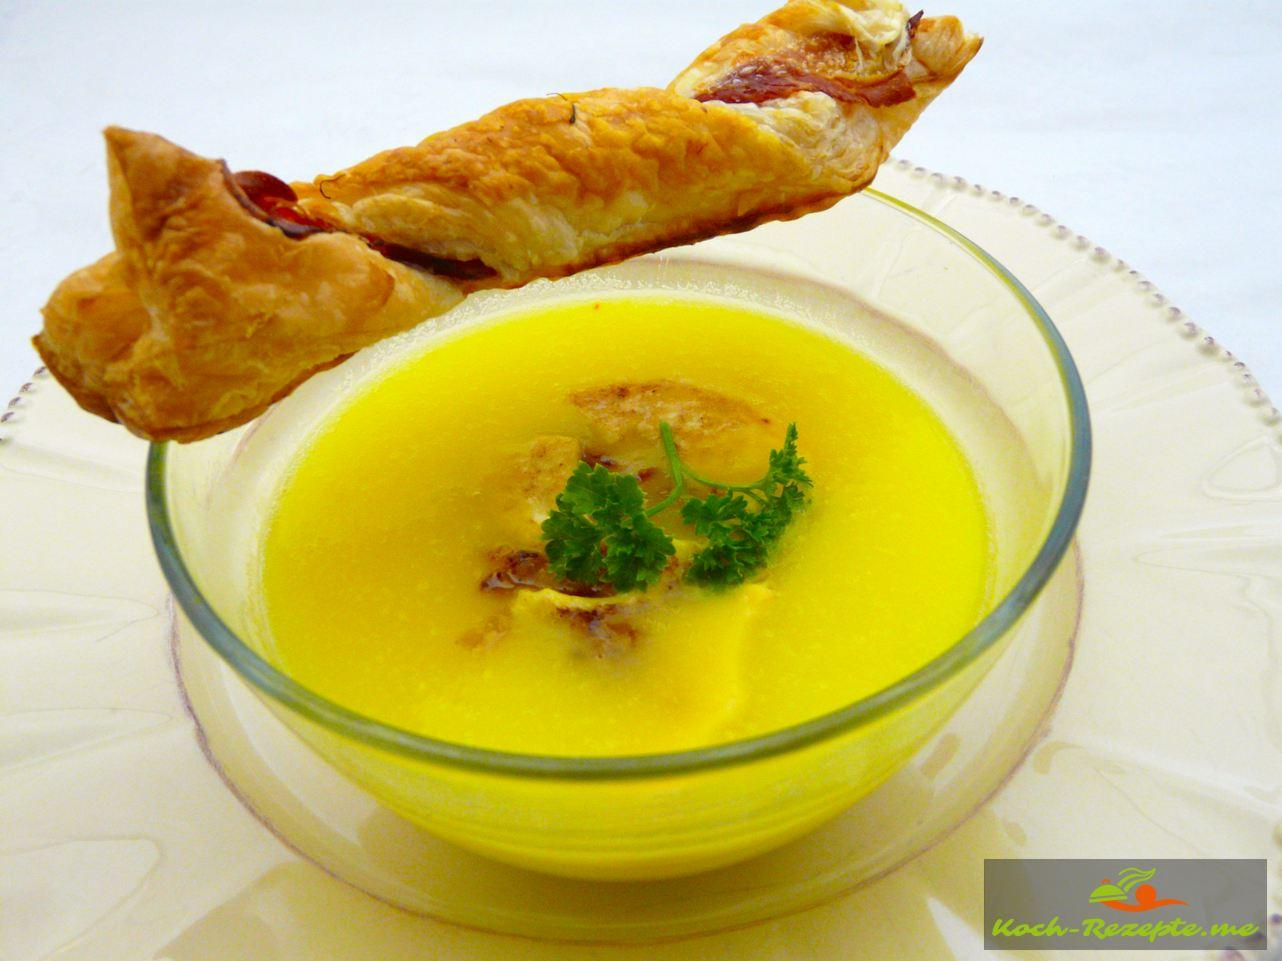 Kartoffel-Spargel-Safran Suppe mit Blätterteigstangen mit Schinken